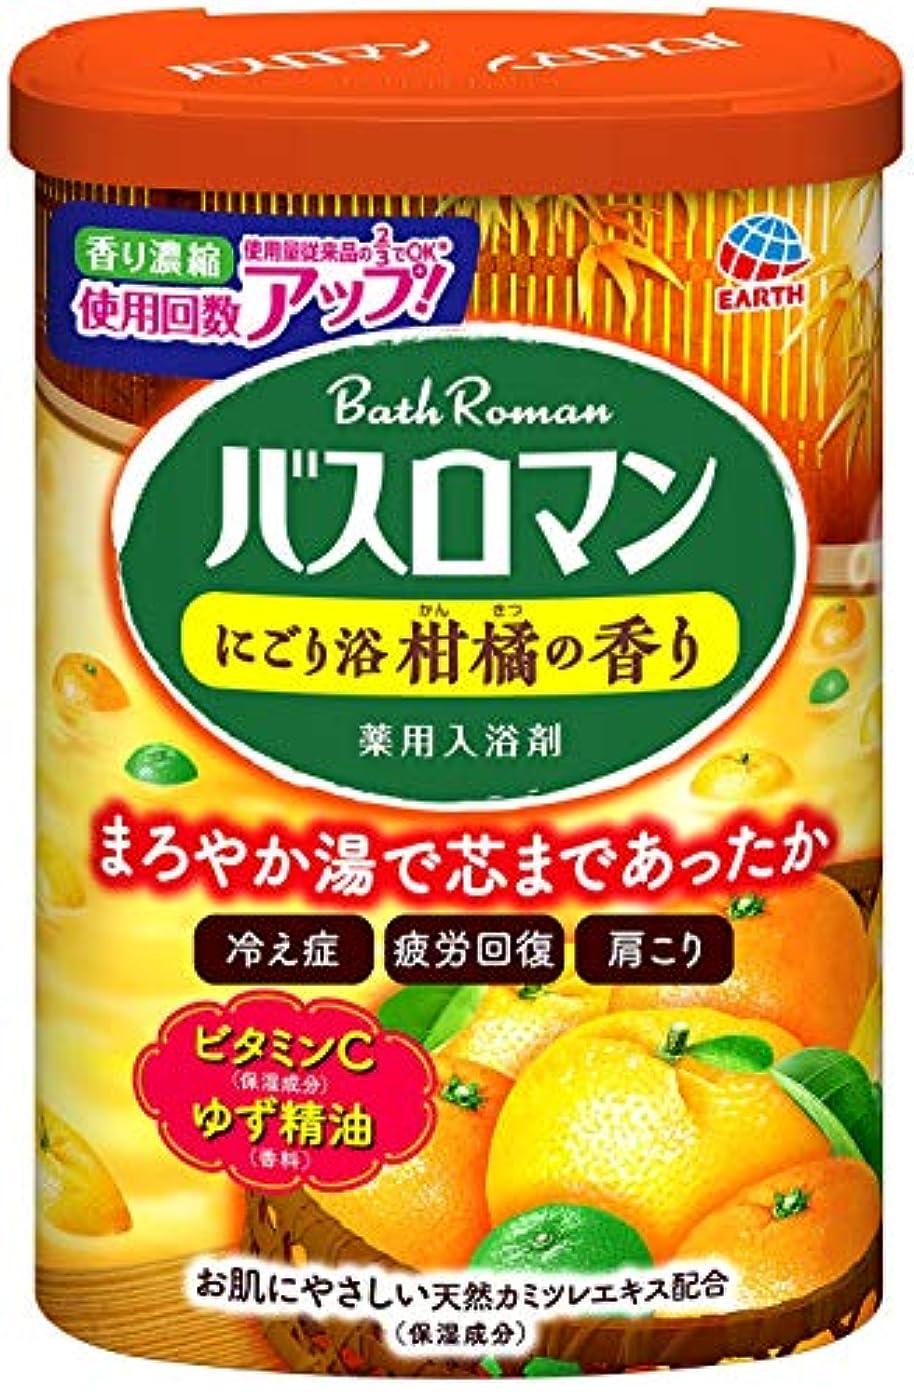 混乱させるサーバ明確に【医薬部外品】バスロマン 入浴剤 にごり浴 柑橘の香り [600g]